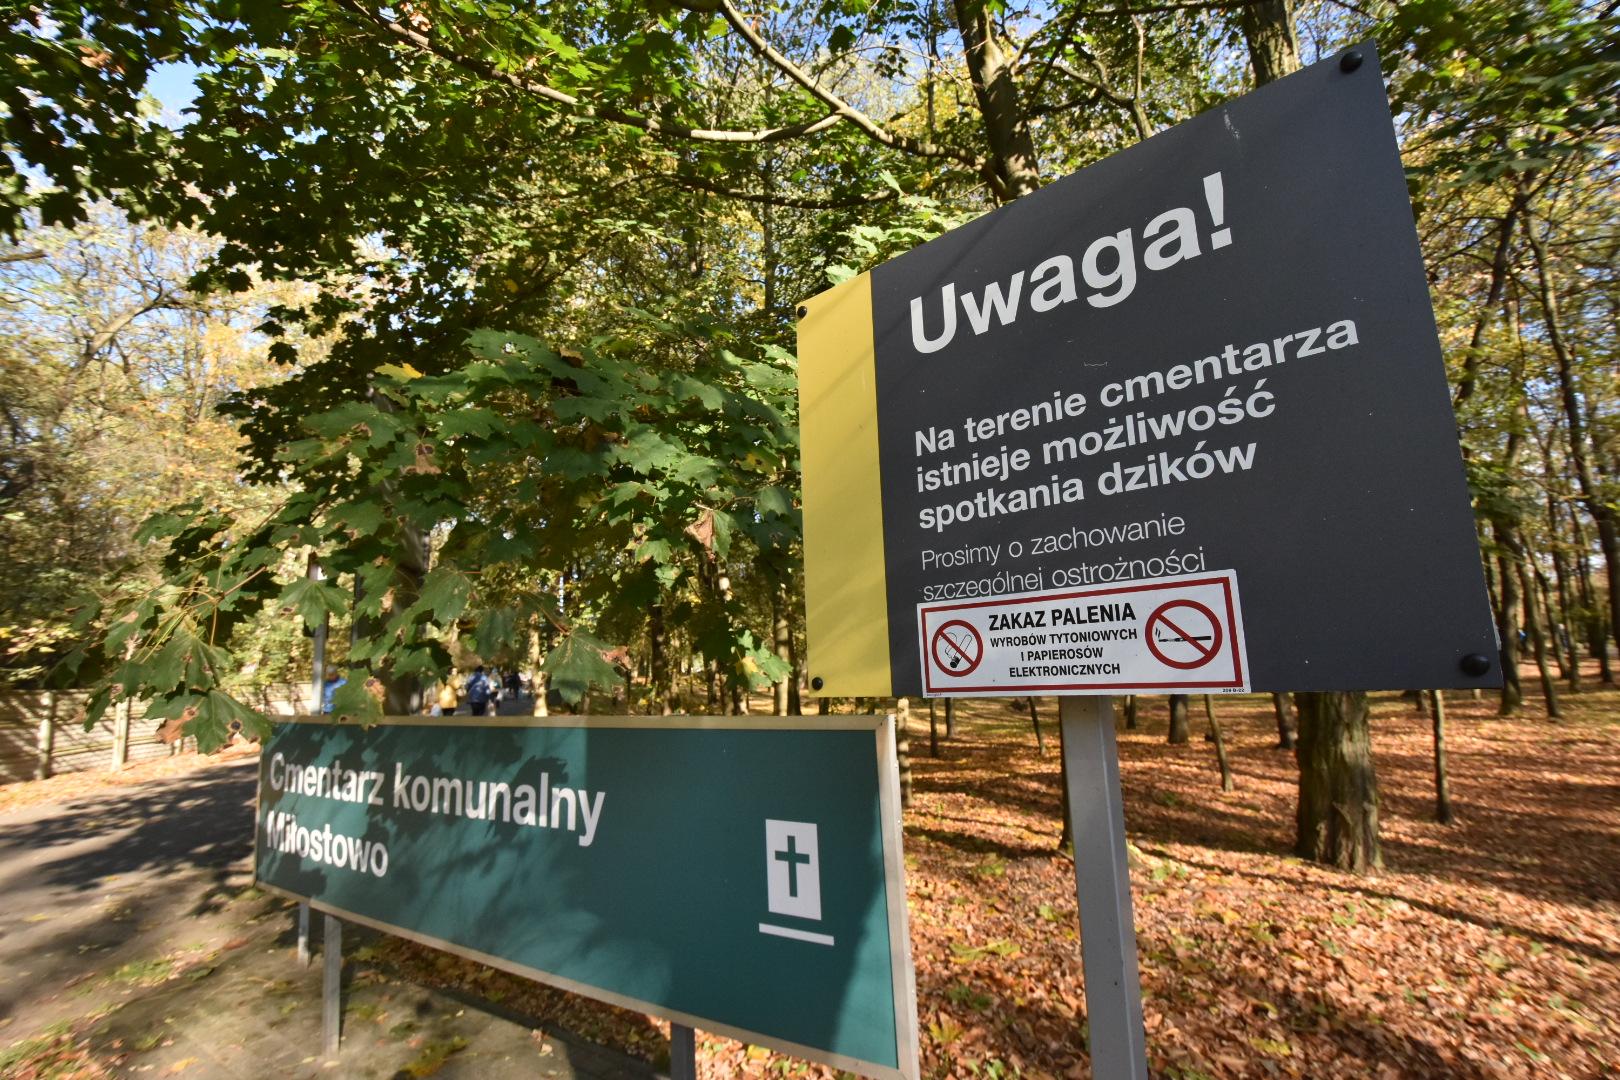 dziki na cmentarzu - Wojtek Wardejn